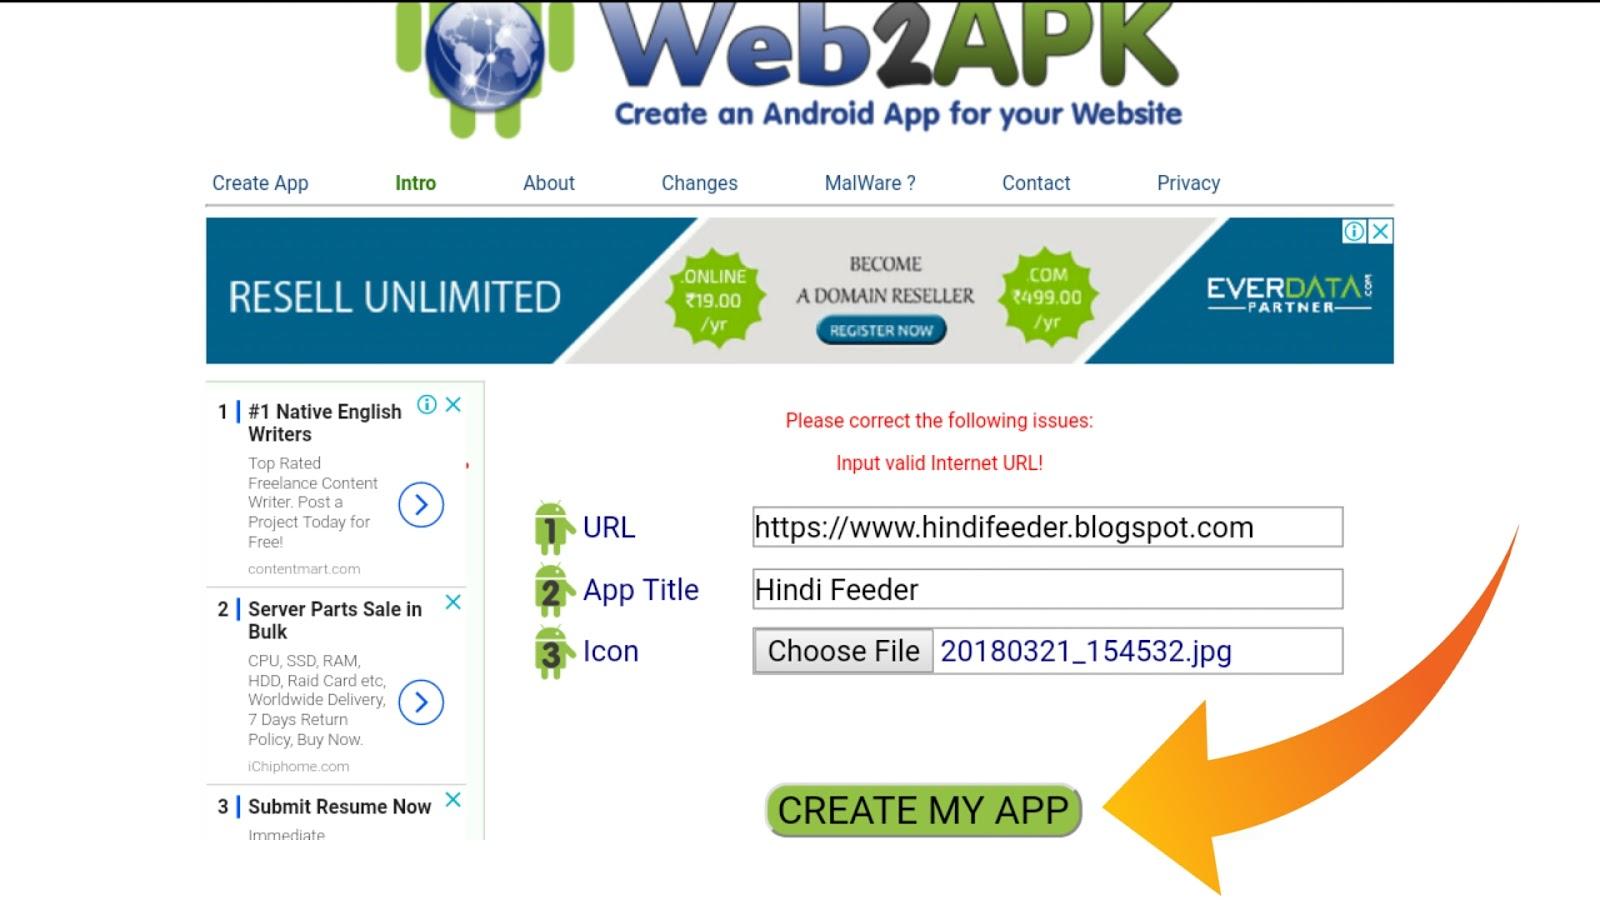 Aur Kaha Kaha Logo Kaa Mobile — Pixlcorps